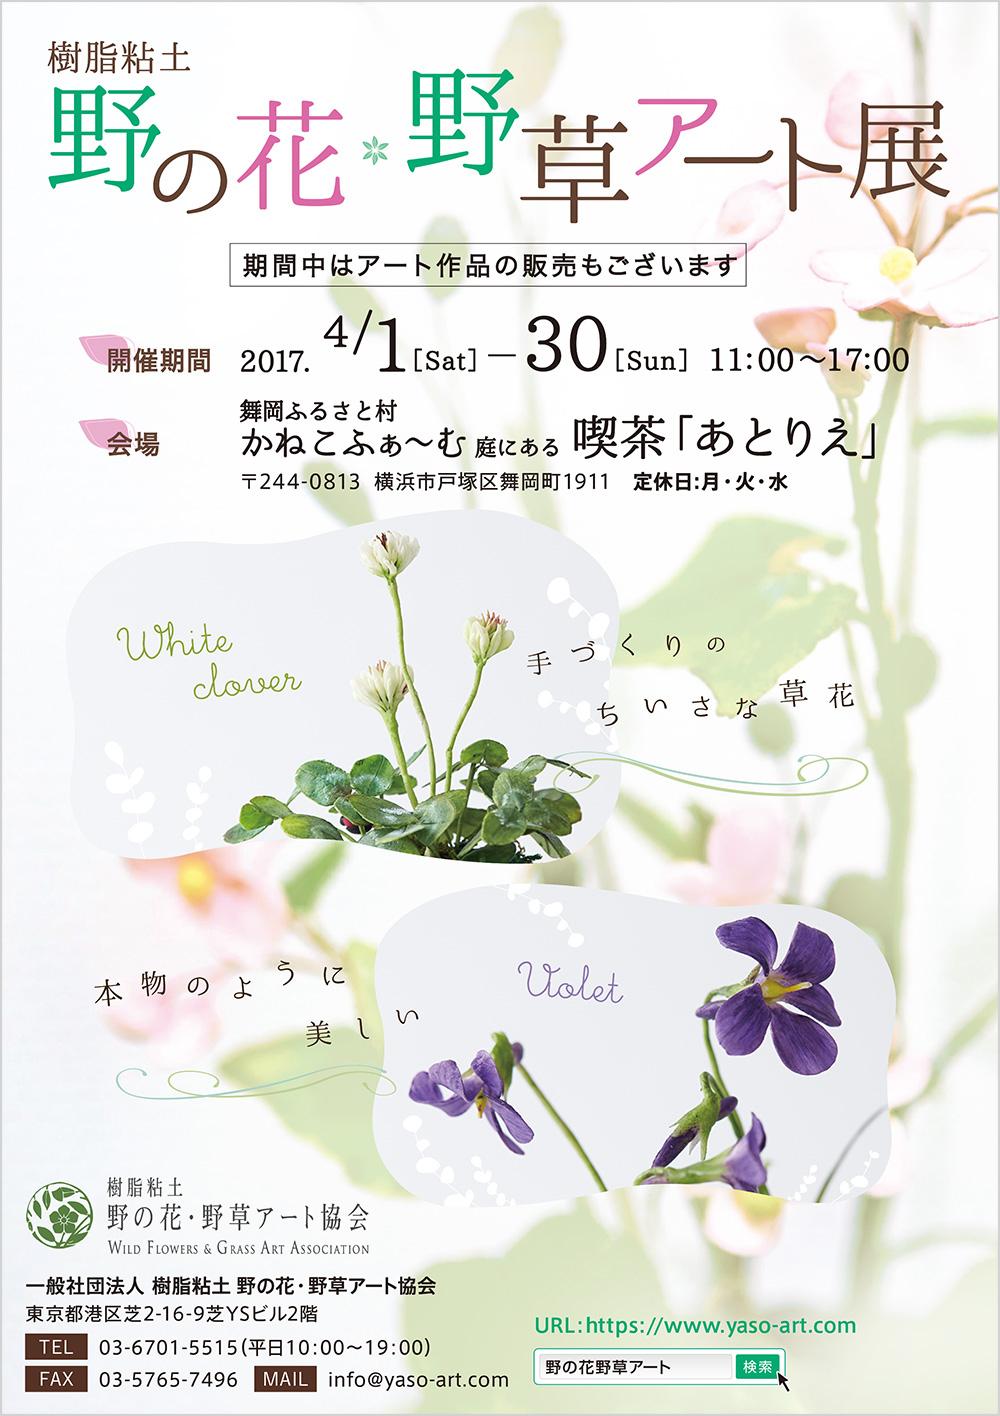 「樹脂粘土 野の花・野草アート展」 かねこふぁ〜む にて開催